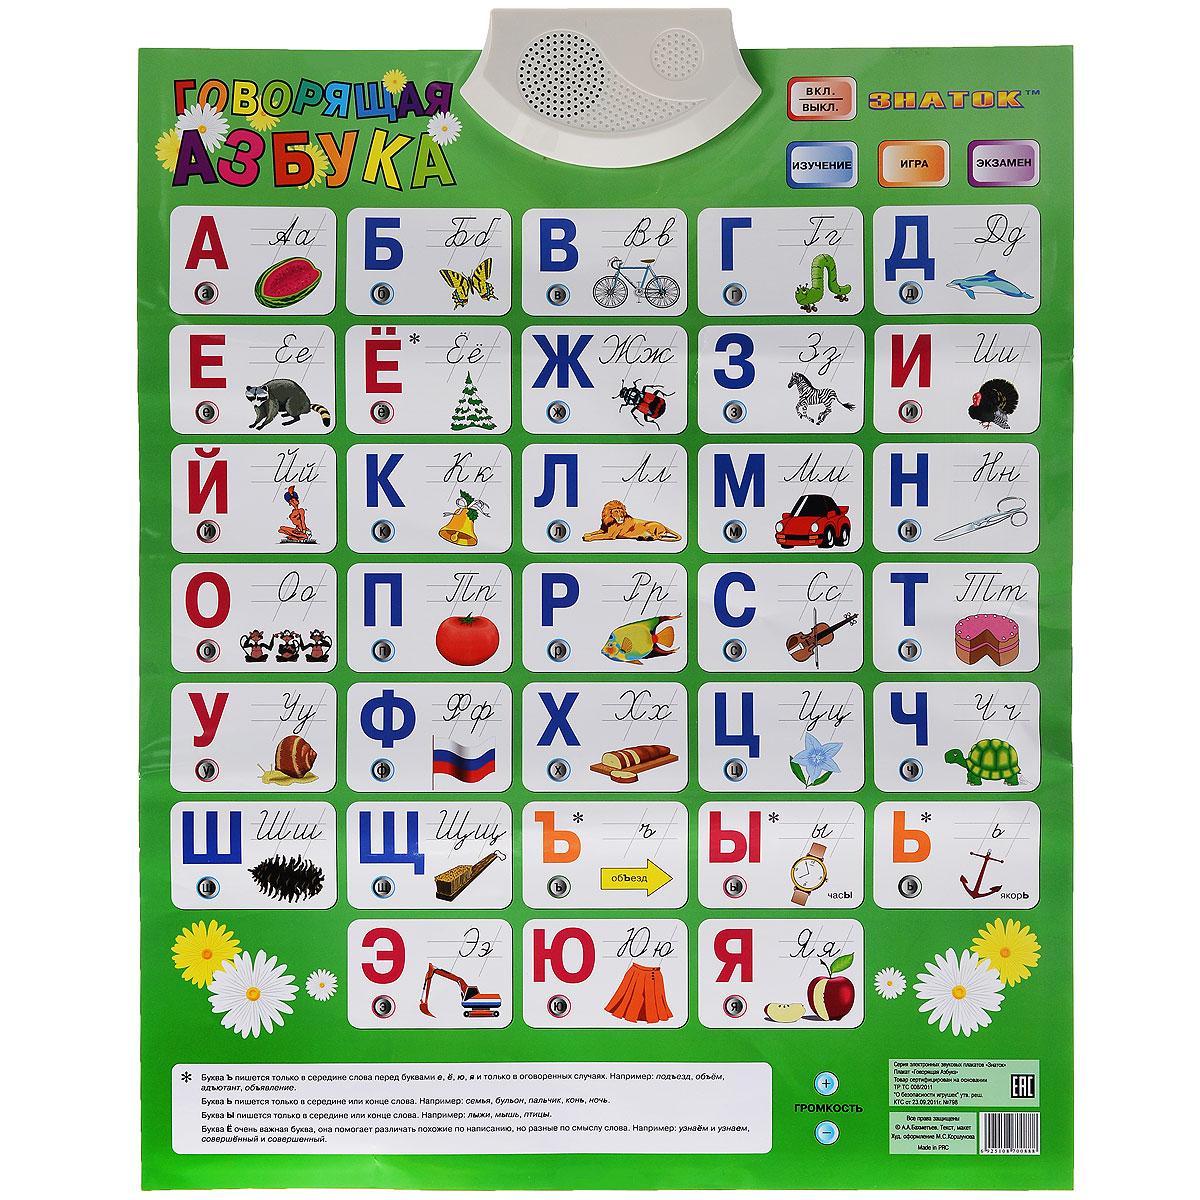 """Звуковой плакат Знаток """"Говорящая азбука"""" идеально подойдет ребенку, начинающему изучать русский язык. Плакат снабжен следующими сенсорными кнопками, отвечающими за определенные функции: Кнопка """"Изучение""""- при нажатии на эту кнопку начинается перечисление всех букв алфавита. Кнопка """"Игра"""" - помогает ребенку отвлечься, а заодно и узнать что-то новое. Кнопка """"Экзамен"""" - при нажатии на эту кнопку предлагается найти букву. Дается две попытки, при отрицательном результате осуществляется переход к следующей букве. Плакат выполнен с влагозащитной поверхностью и имеет регулятор громкости, чтобы занятия ребенка не мешали окружающим. С плакатом можно заниматься дома и в школе - его можно расположить как на столе для индивидуальных занятий, так и на доске для коллективных. Плакат работает от 3 батареек типа ААА (входят в комплект)."""